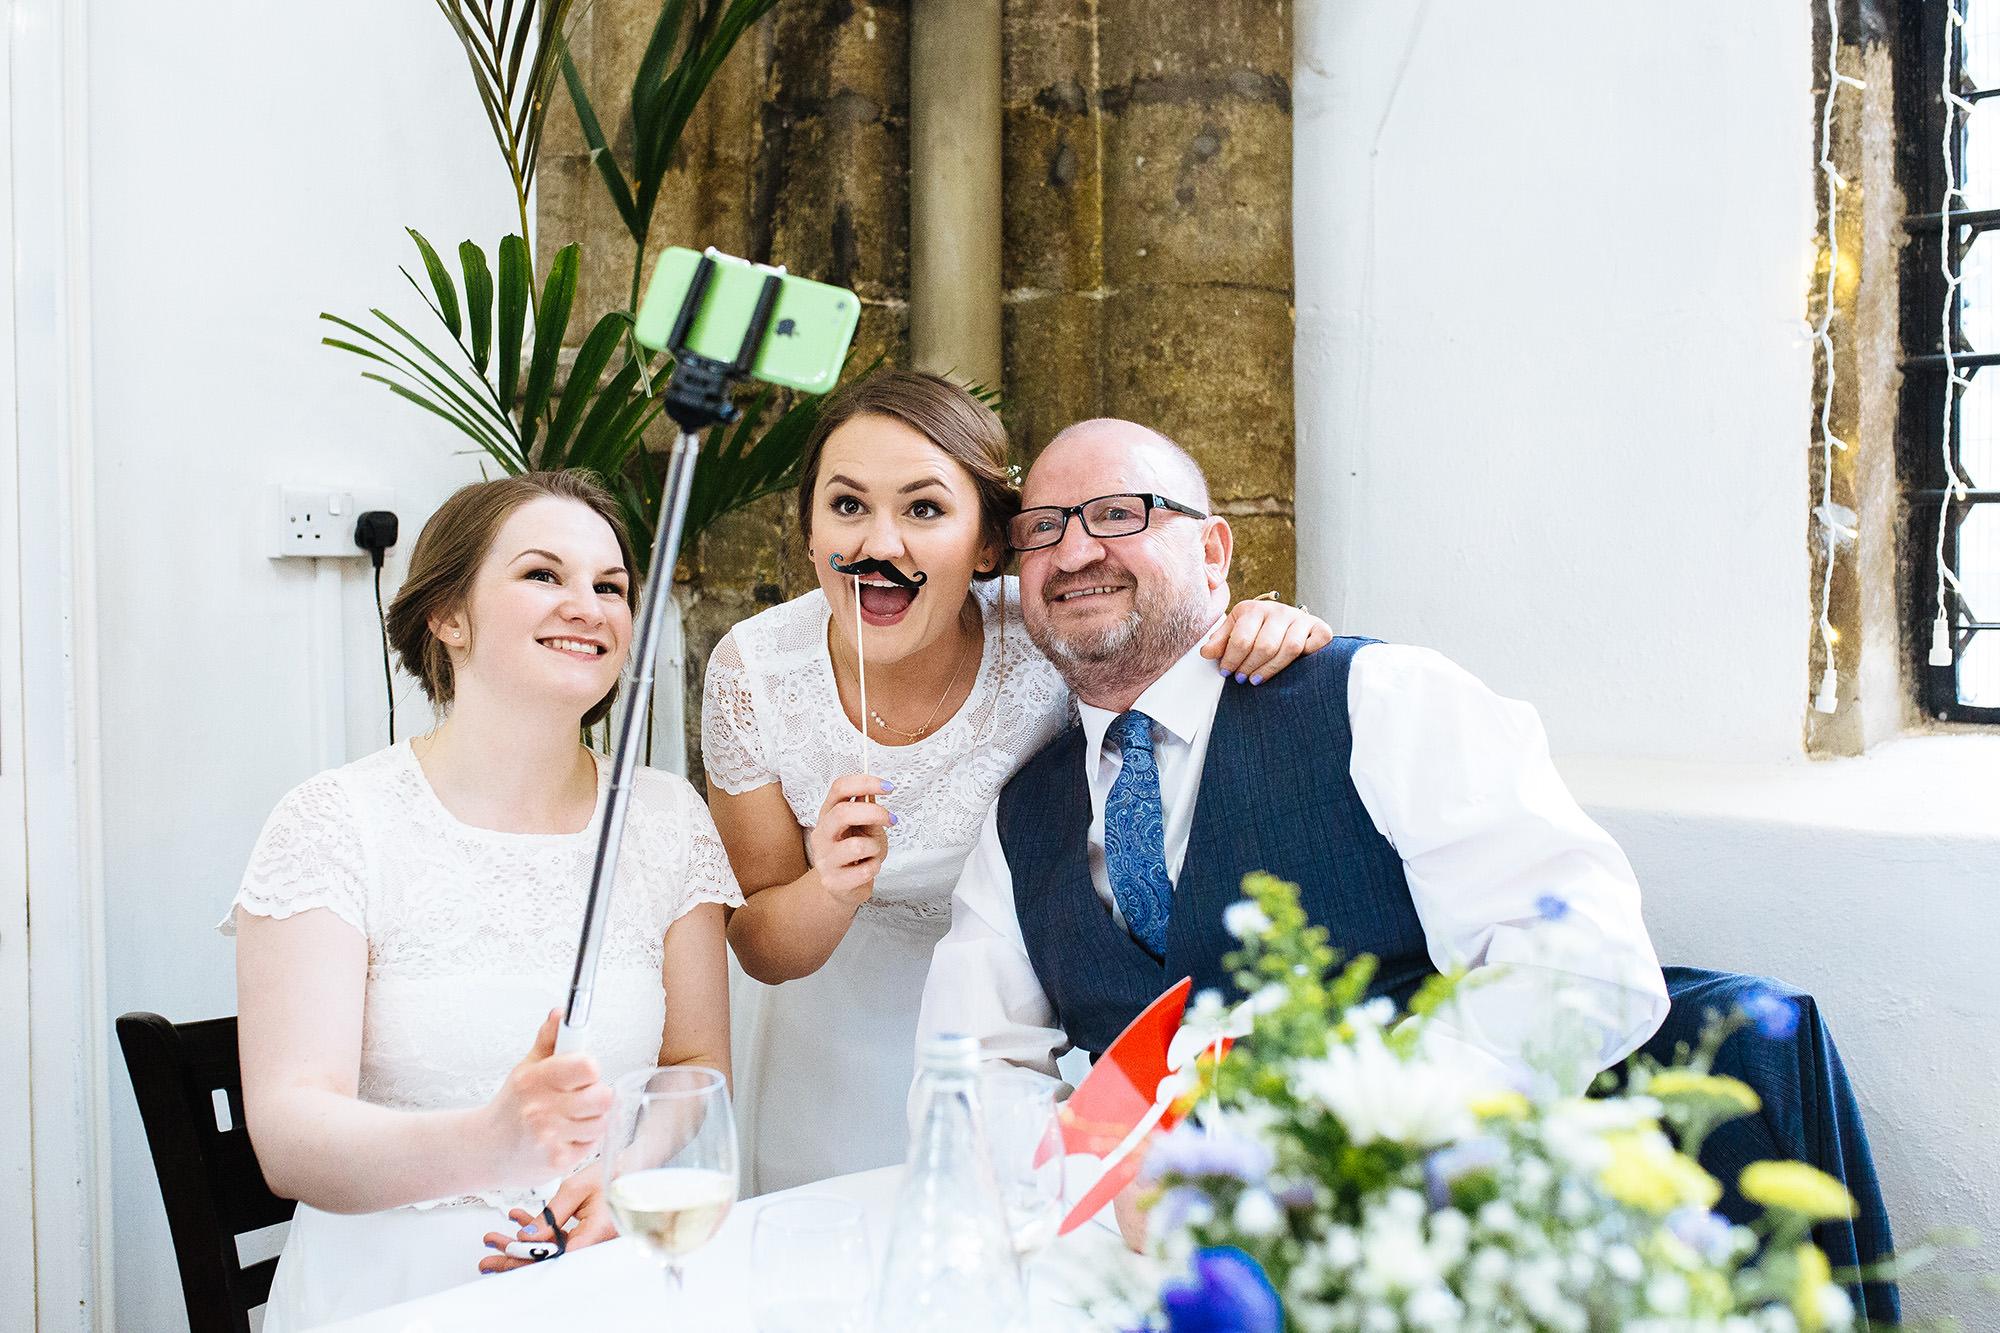 DRAG QUEEN GAY LEEDS WEDDING00001.jpg